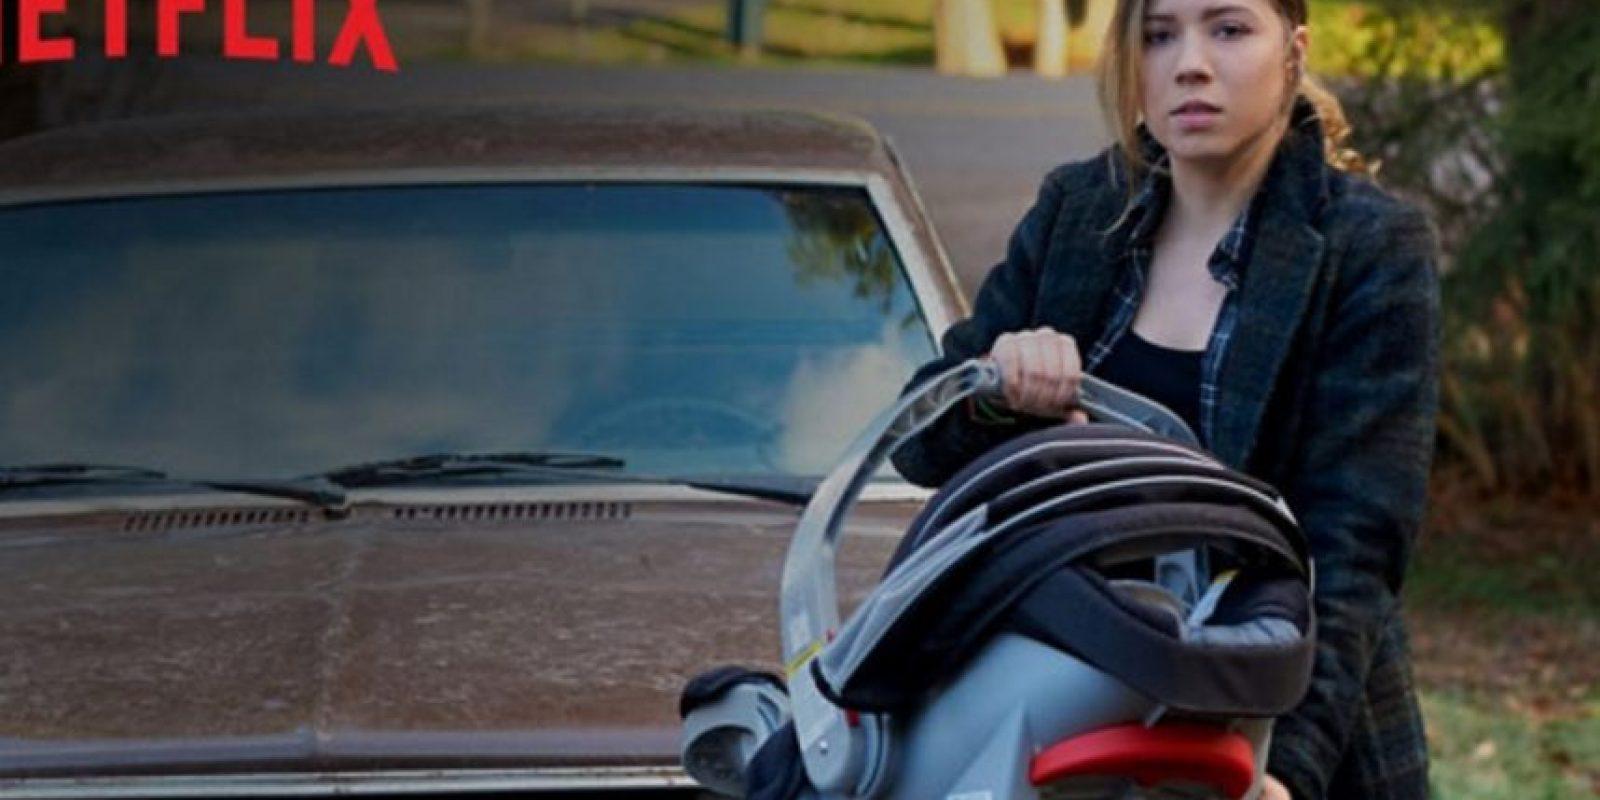 """Protagonizada por Jennette McCurdy como """"Wiley Day"""", la serie trata sobre una adolescente embarazada que vive en una ciudad de Pretty Lake y que enfrenta una misteriosa enfermedad que está matando a los mayores de 21 años. Foto:Netflix"""